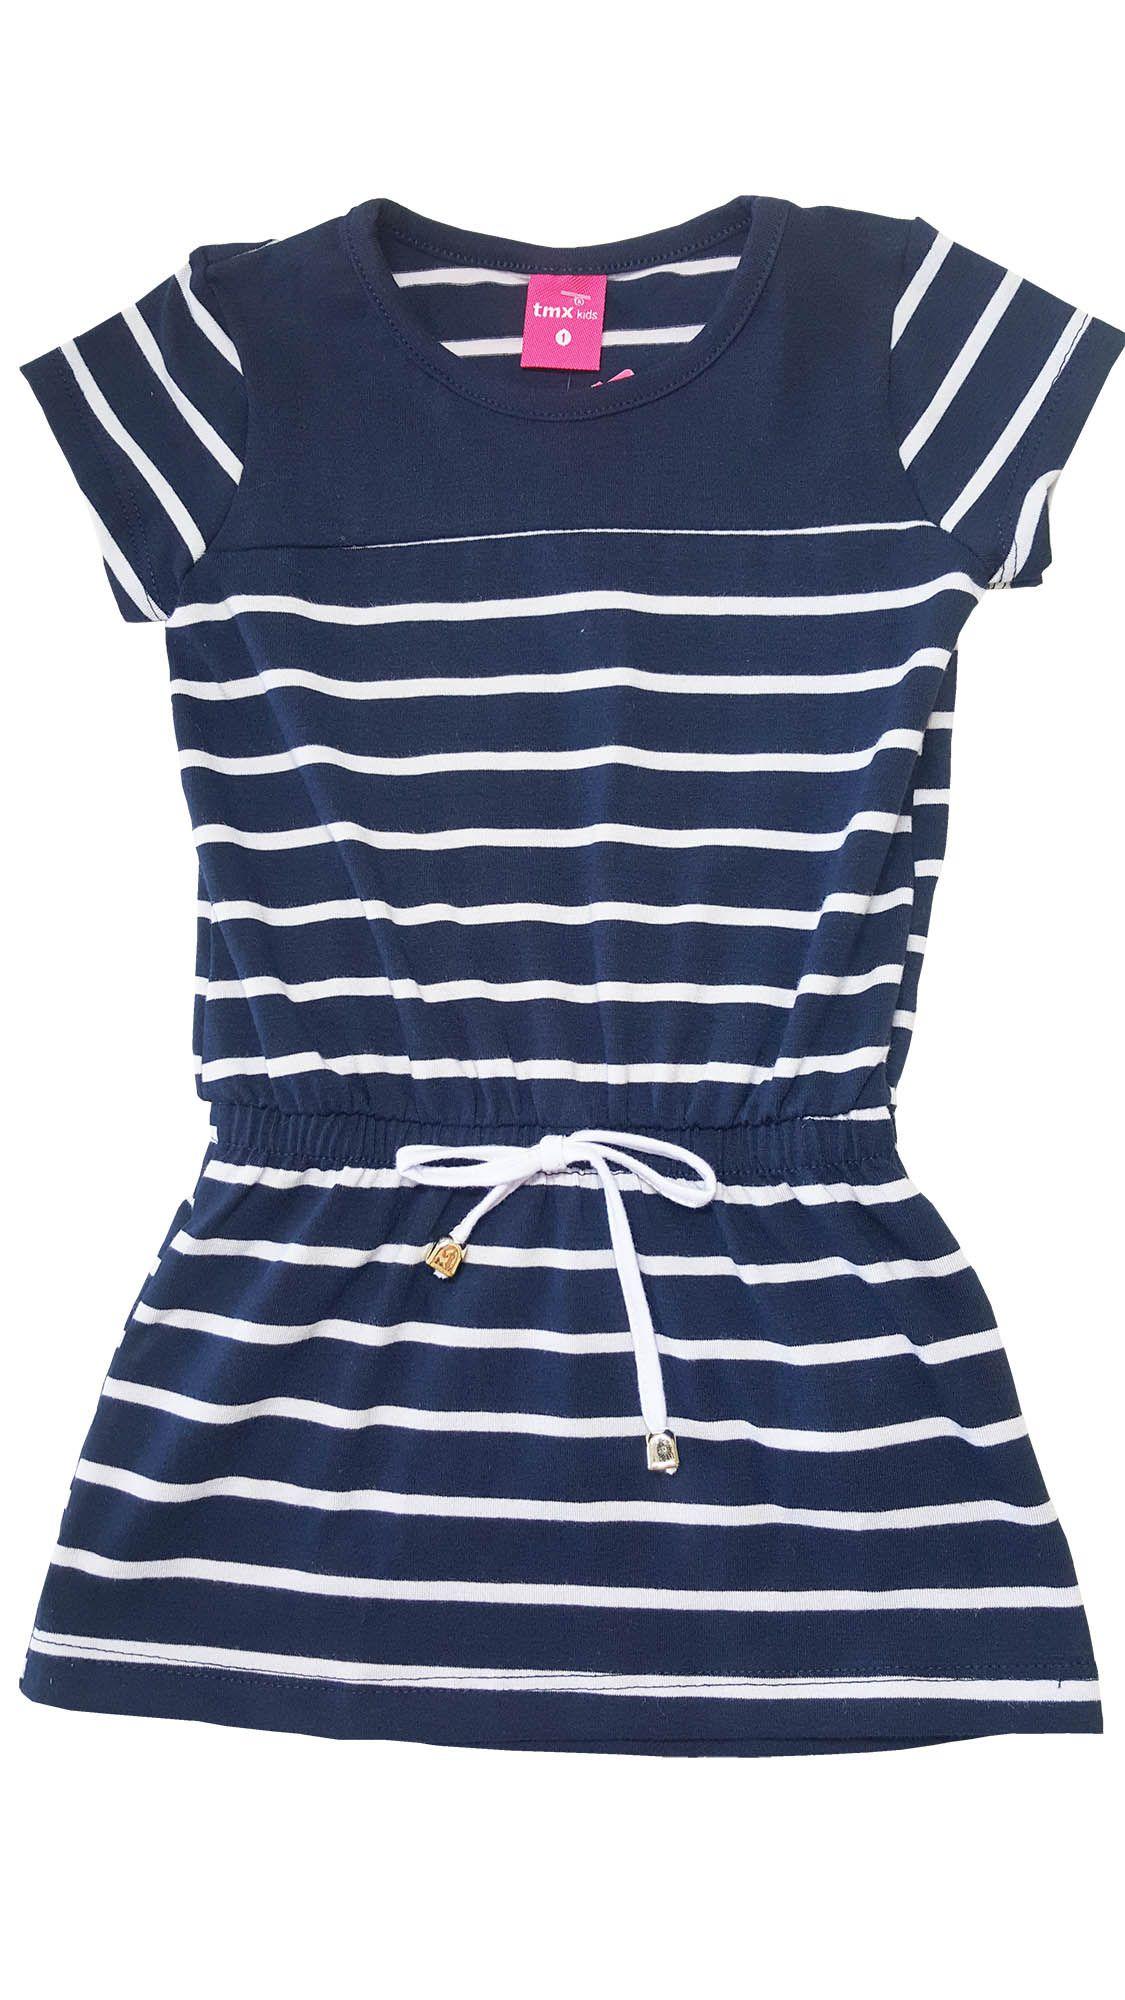 Vestido Infantil TMX  Listrado Marinho - Tamanho 4